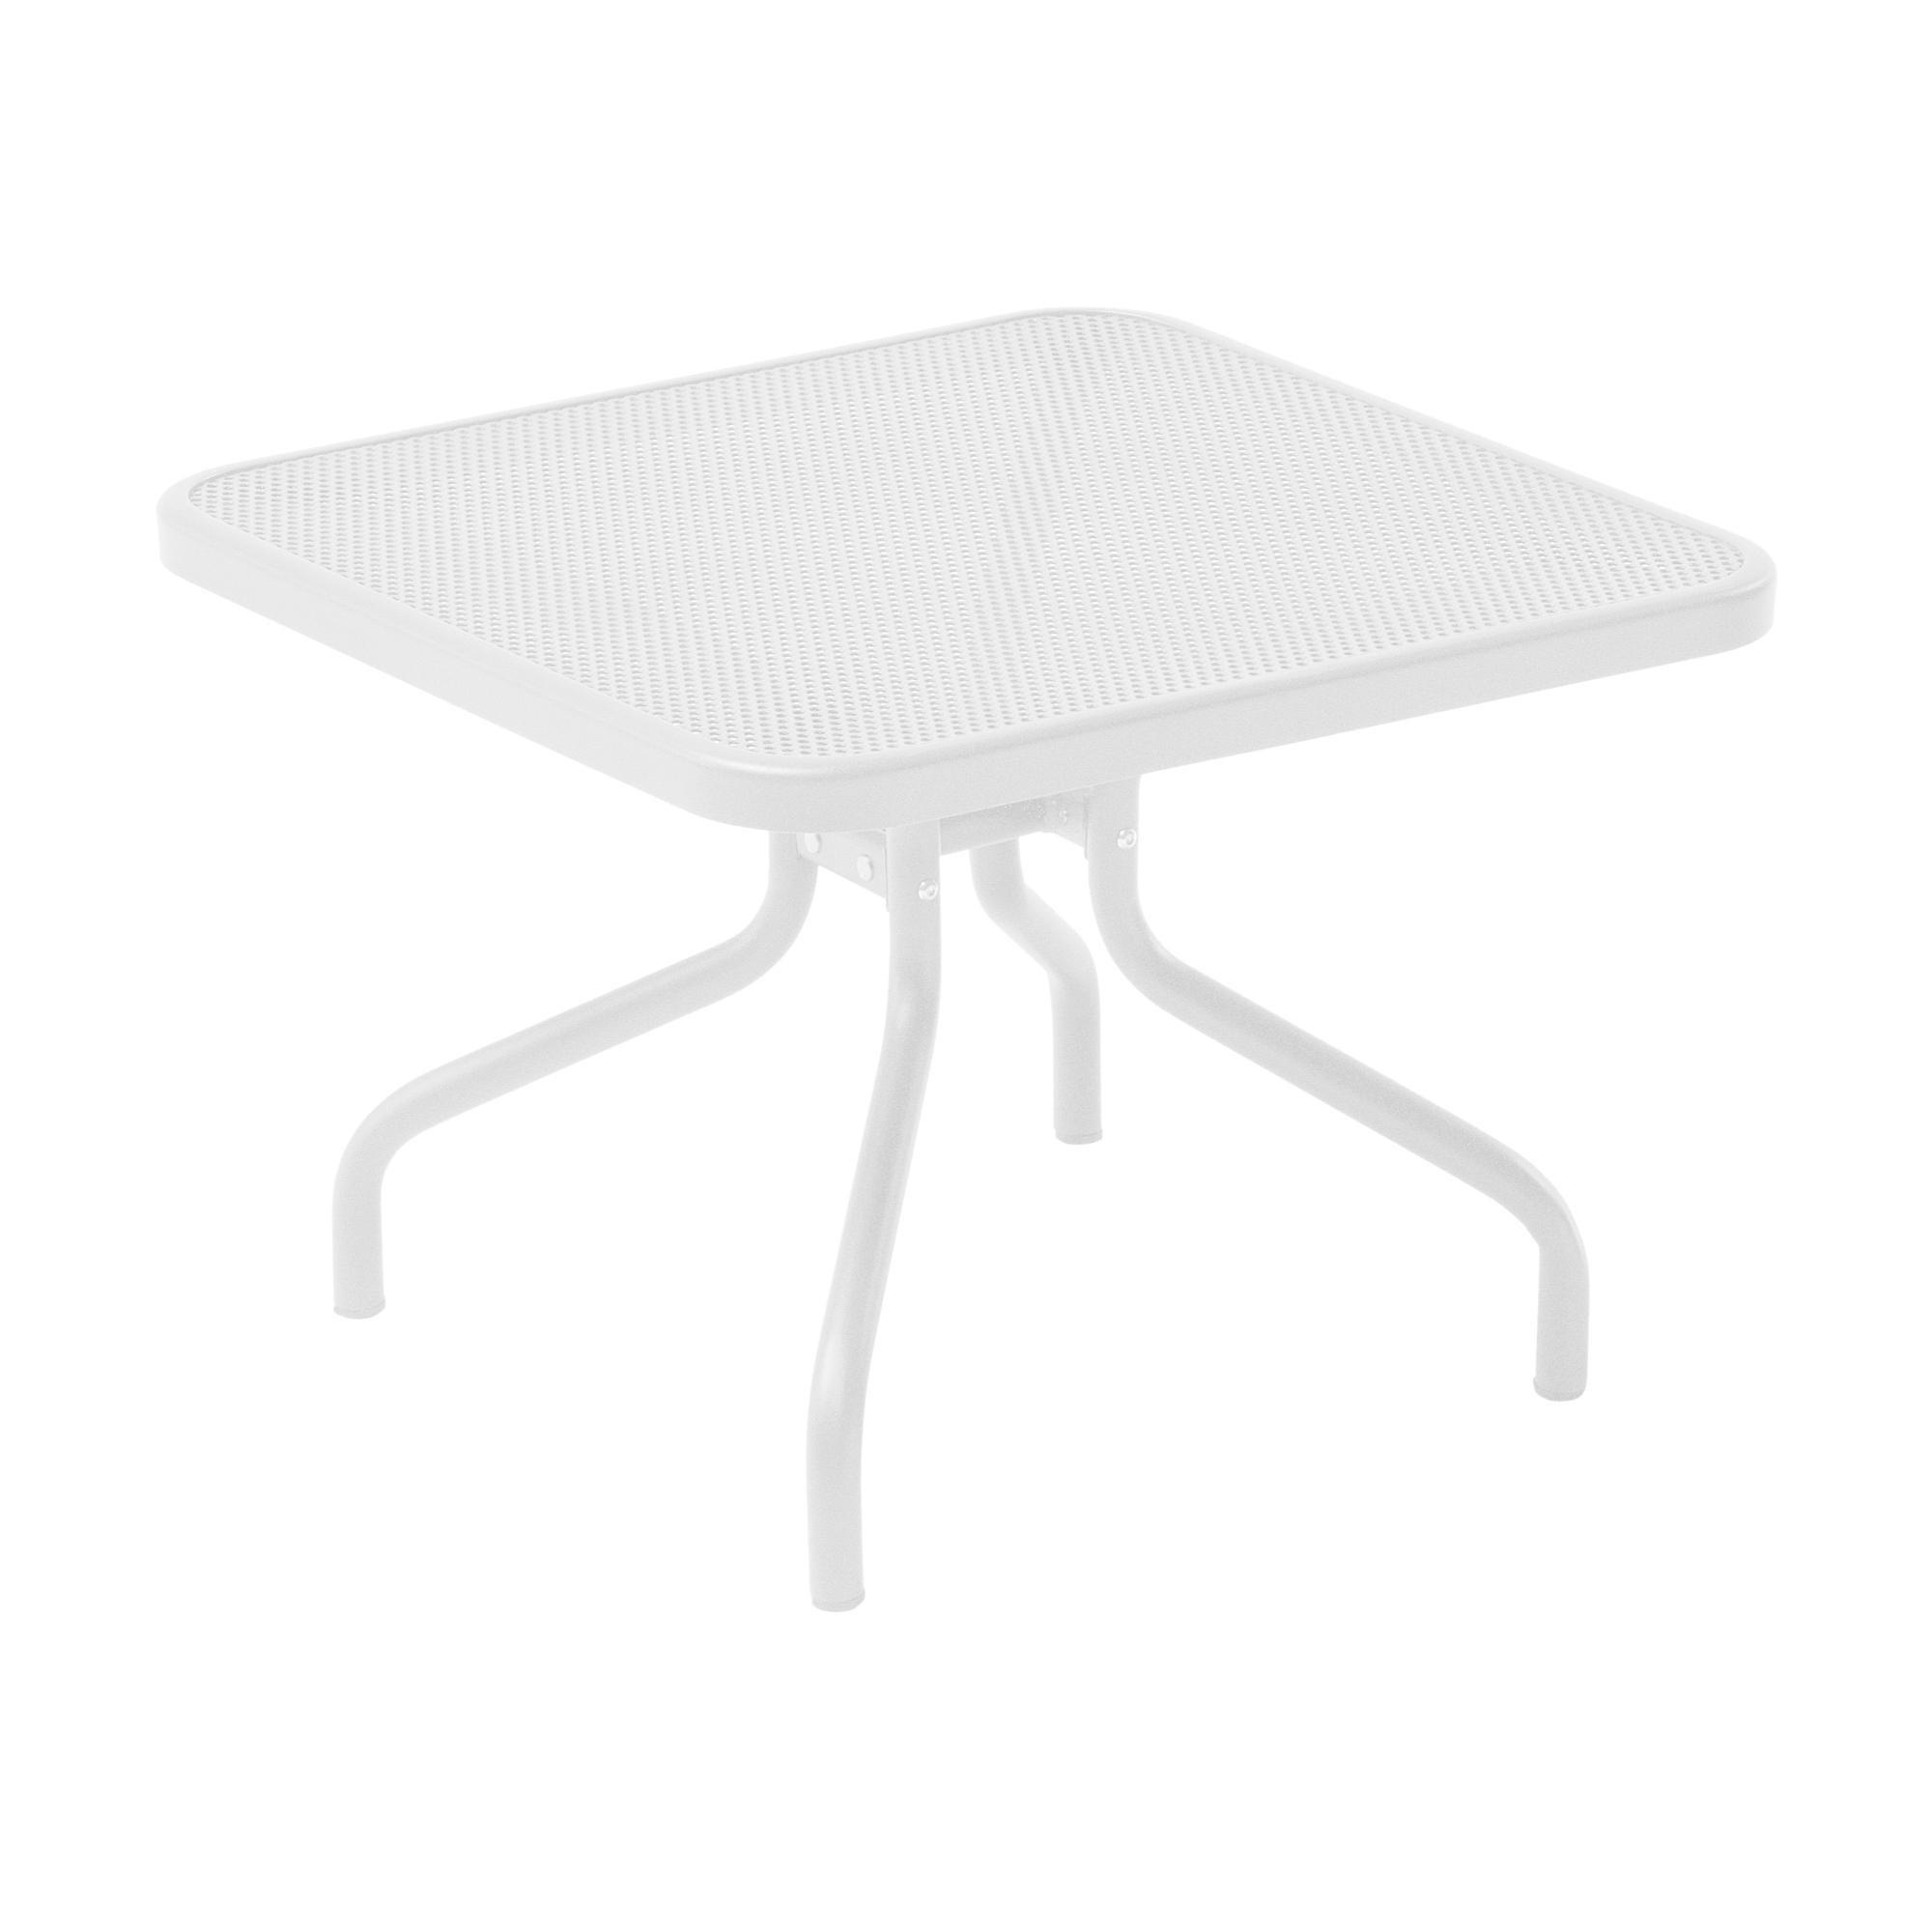 Basse Emu De Jardin 60x60cm Table Mnnwv80o Athenaambientedirect b7Yyf6g